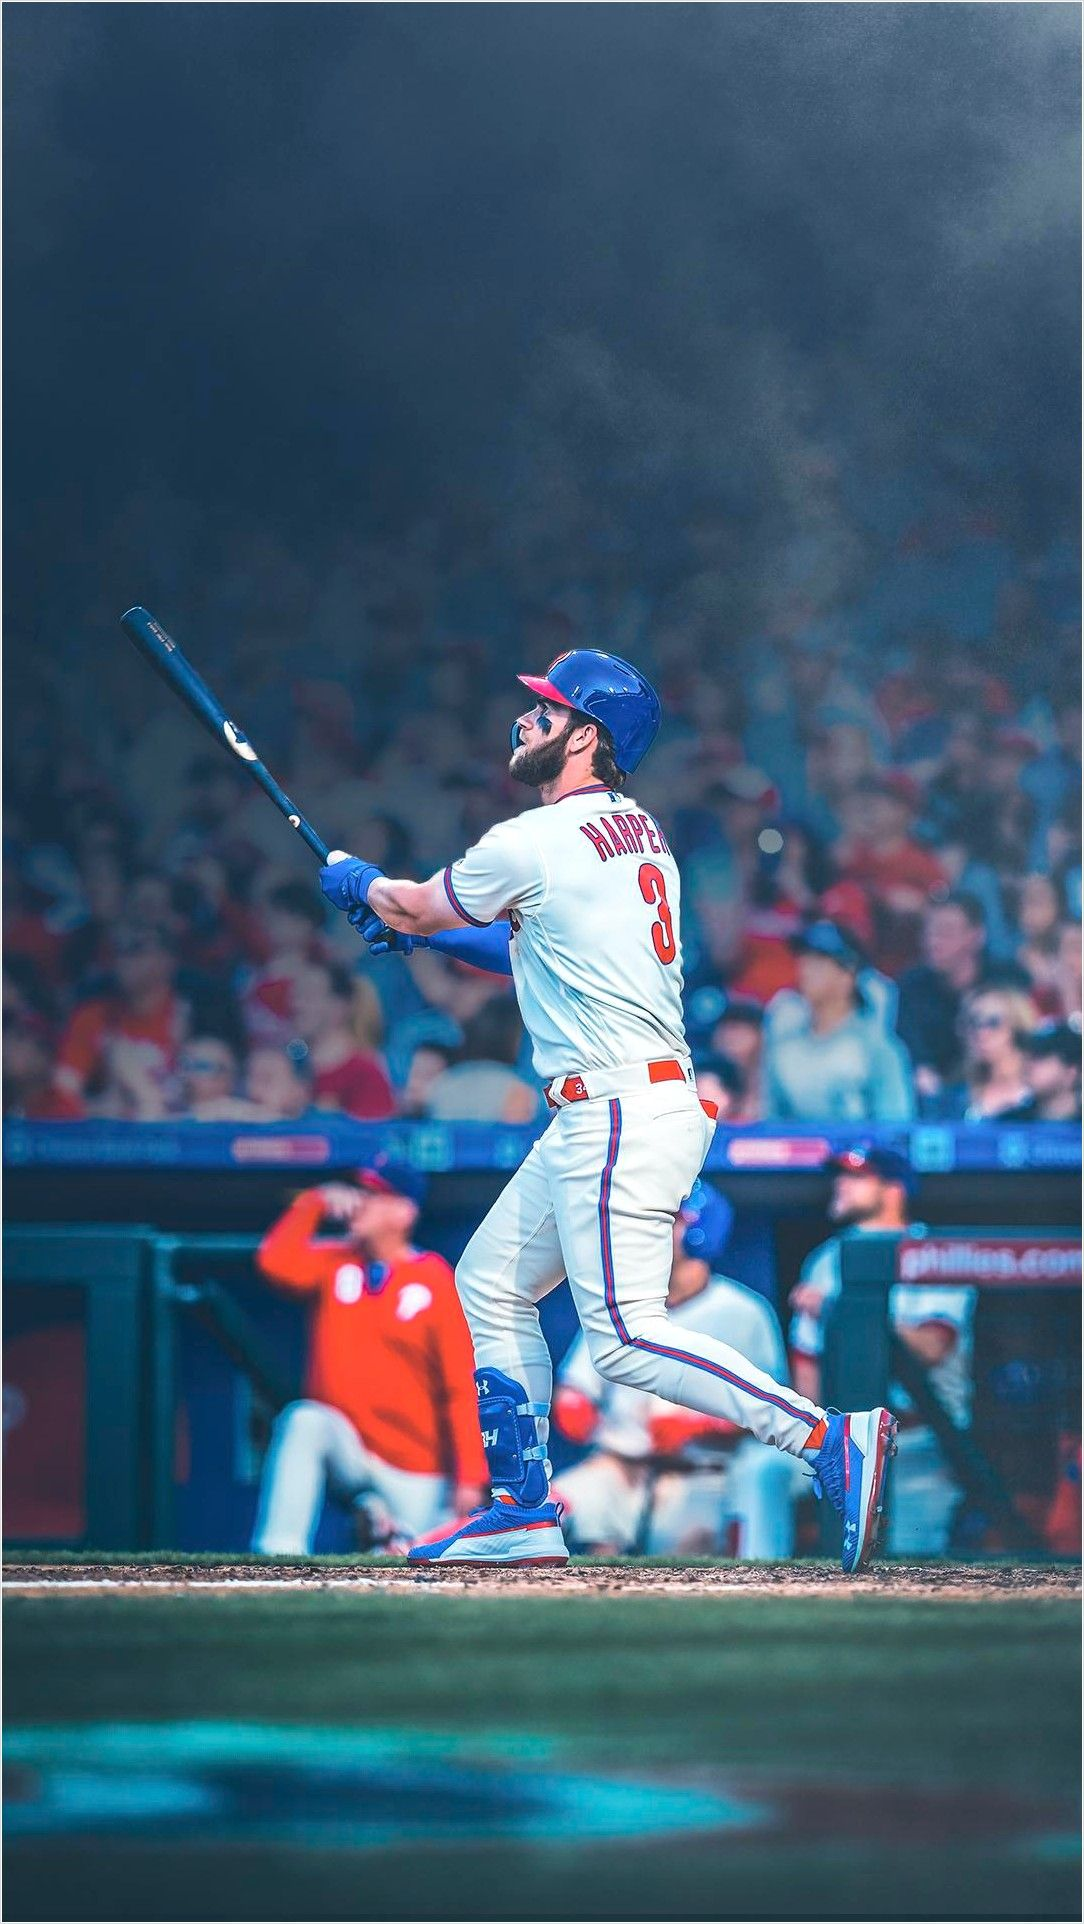 Cool Bryce Harper Wallpaper Phillies Baseball Wallpaper Baseball Game Outfits Mlb Wallpaper